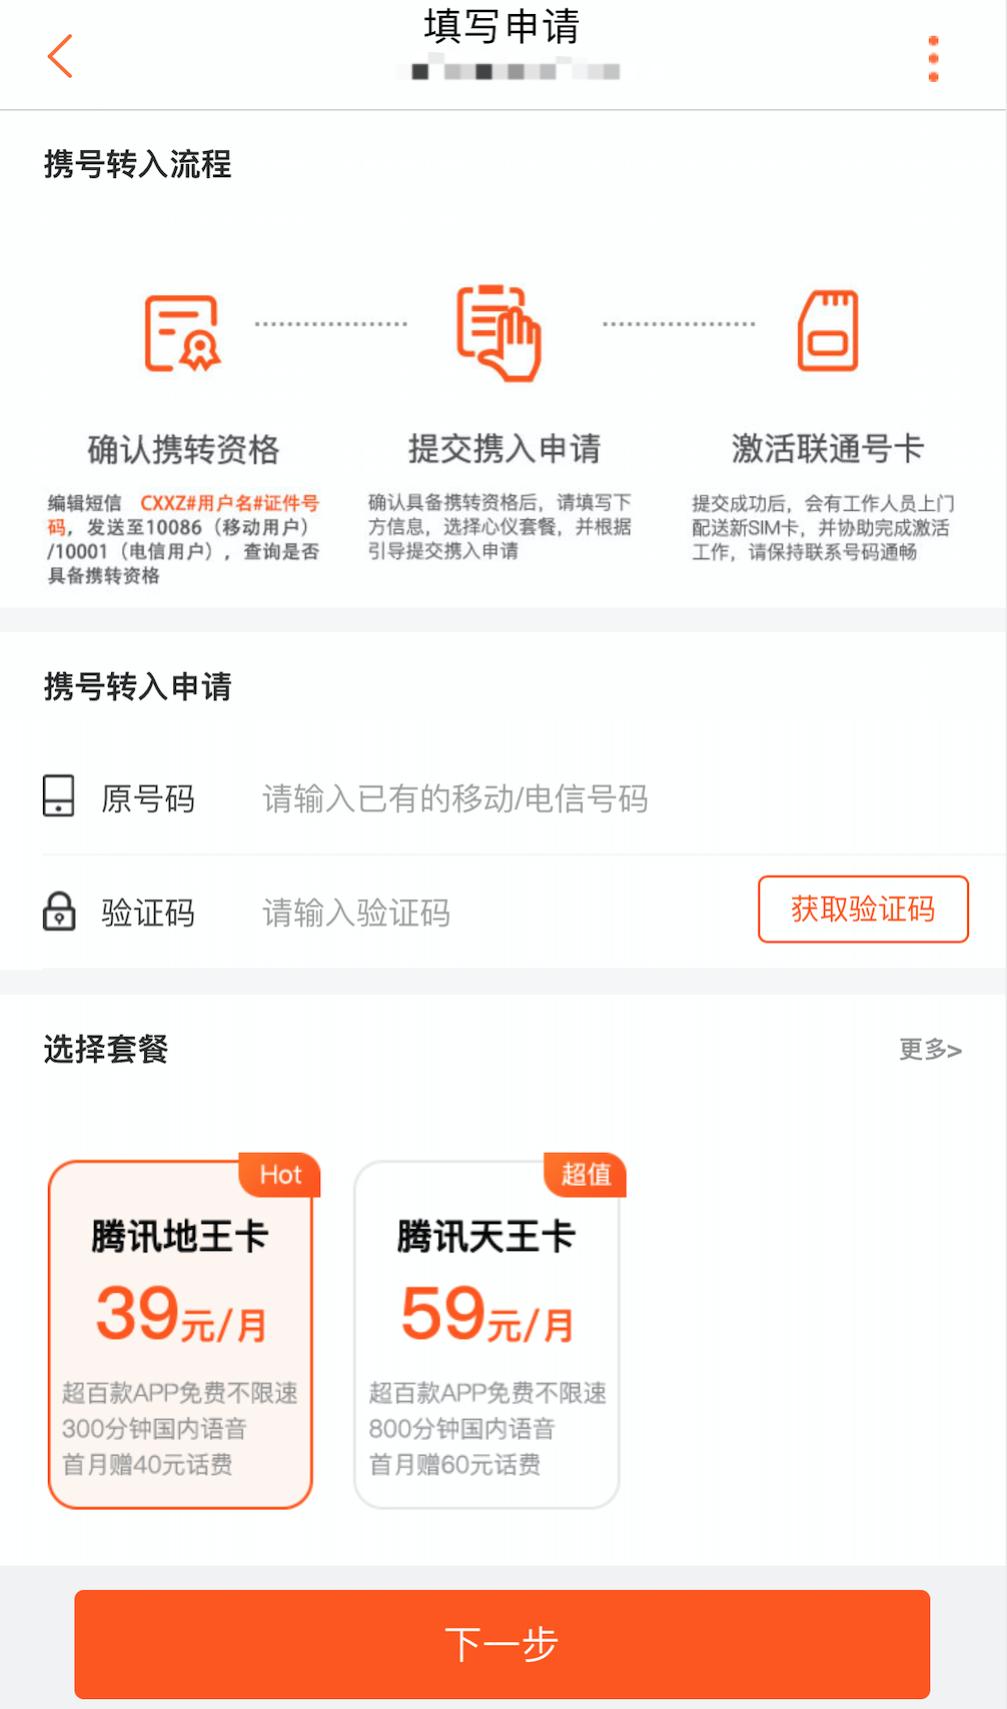 株洲手机靓号中国联通上线携号转网功能,在天津、云南等5地